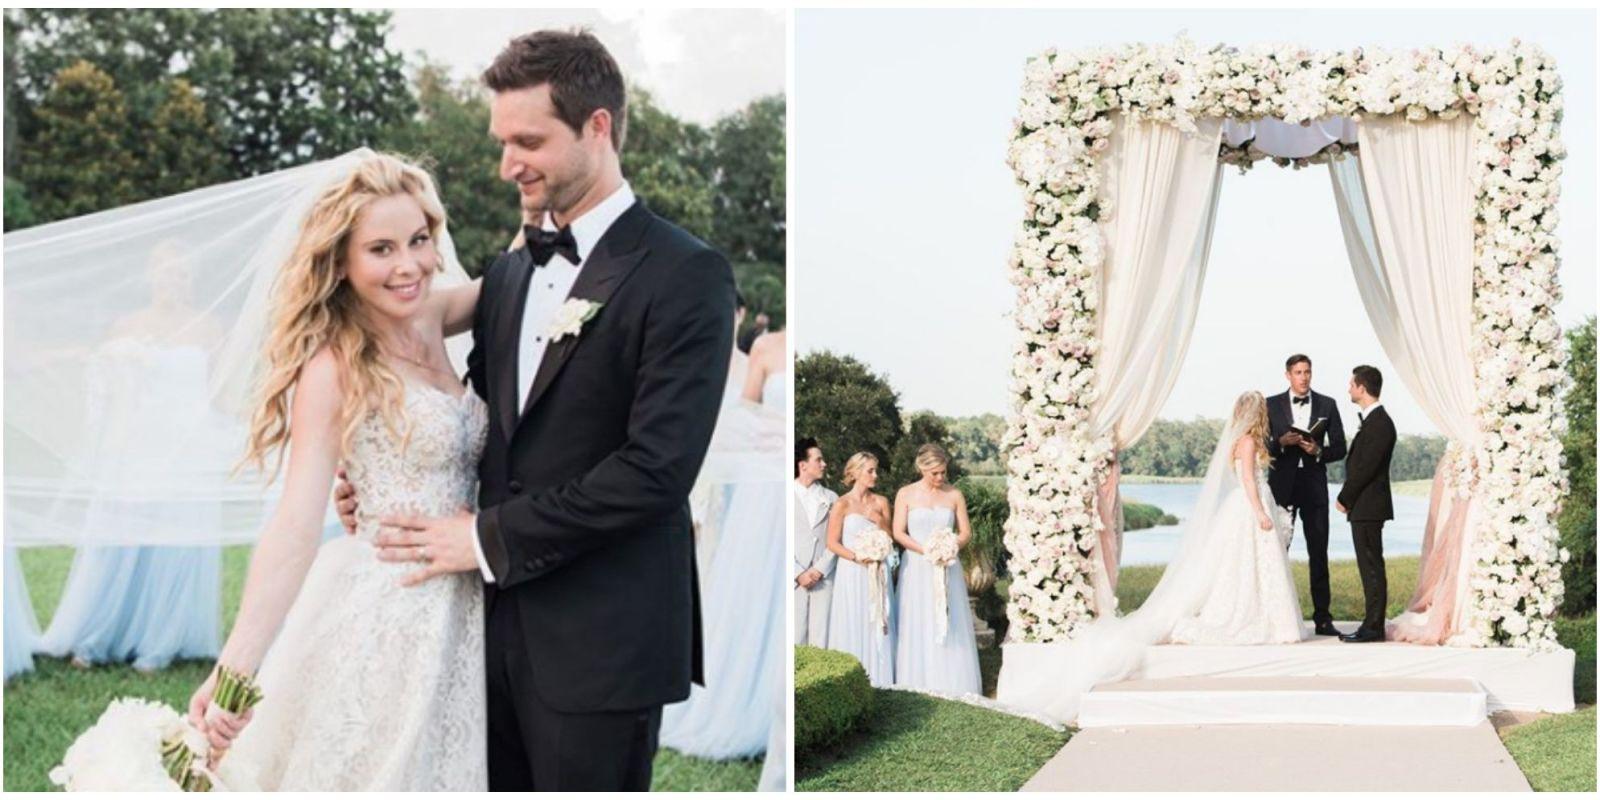 tara lipinski wedding photos tara lipinski wedding cake